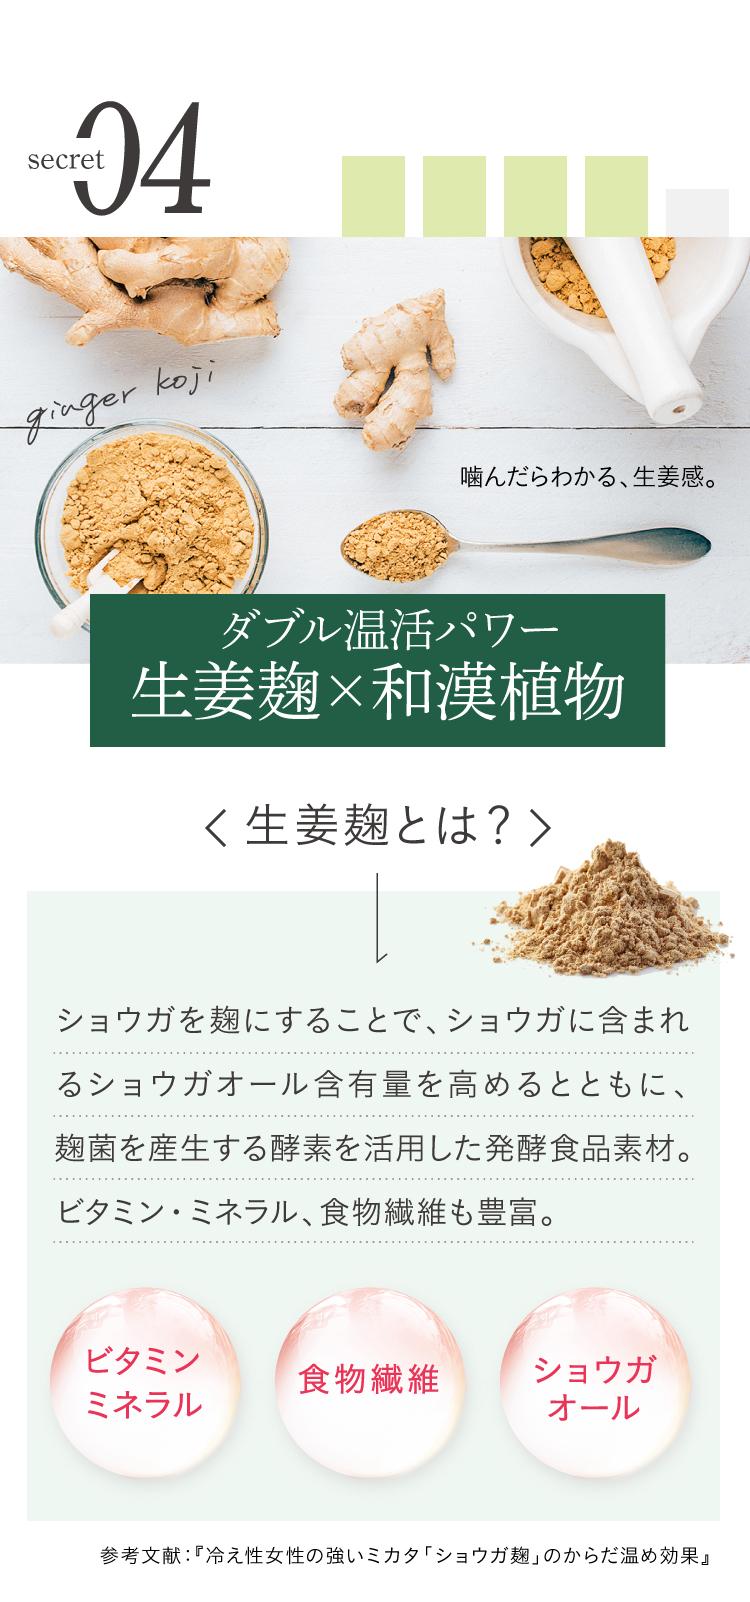 旬の実酵素の秘密4、ダブル温活パワー、生姜麹、和漢植物配合。生姜を麹にすることで生姜に含まれるショウガオール含有量を高めるとともに、麹菌を産生する酵素を活用した発酵食品素材。